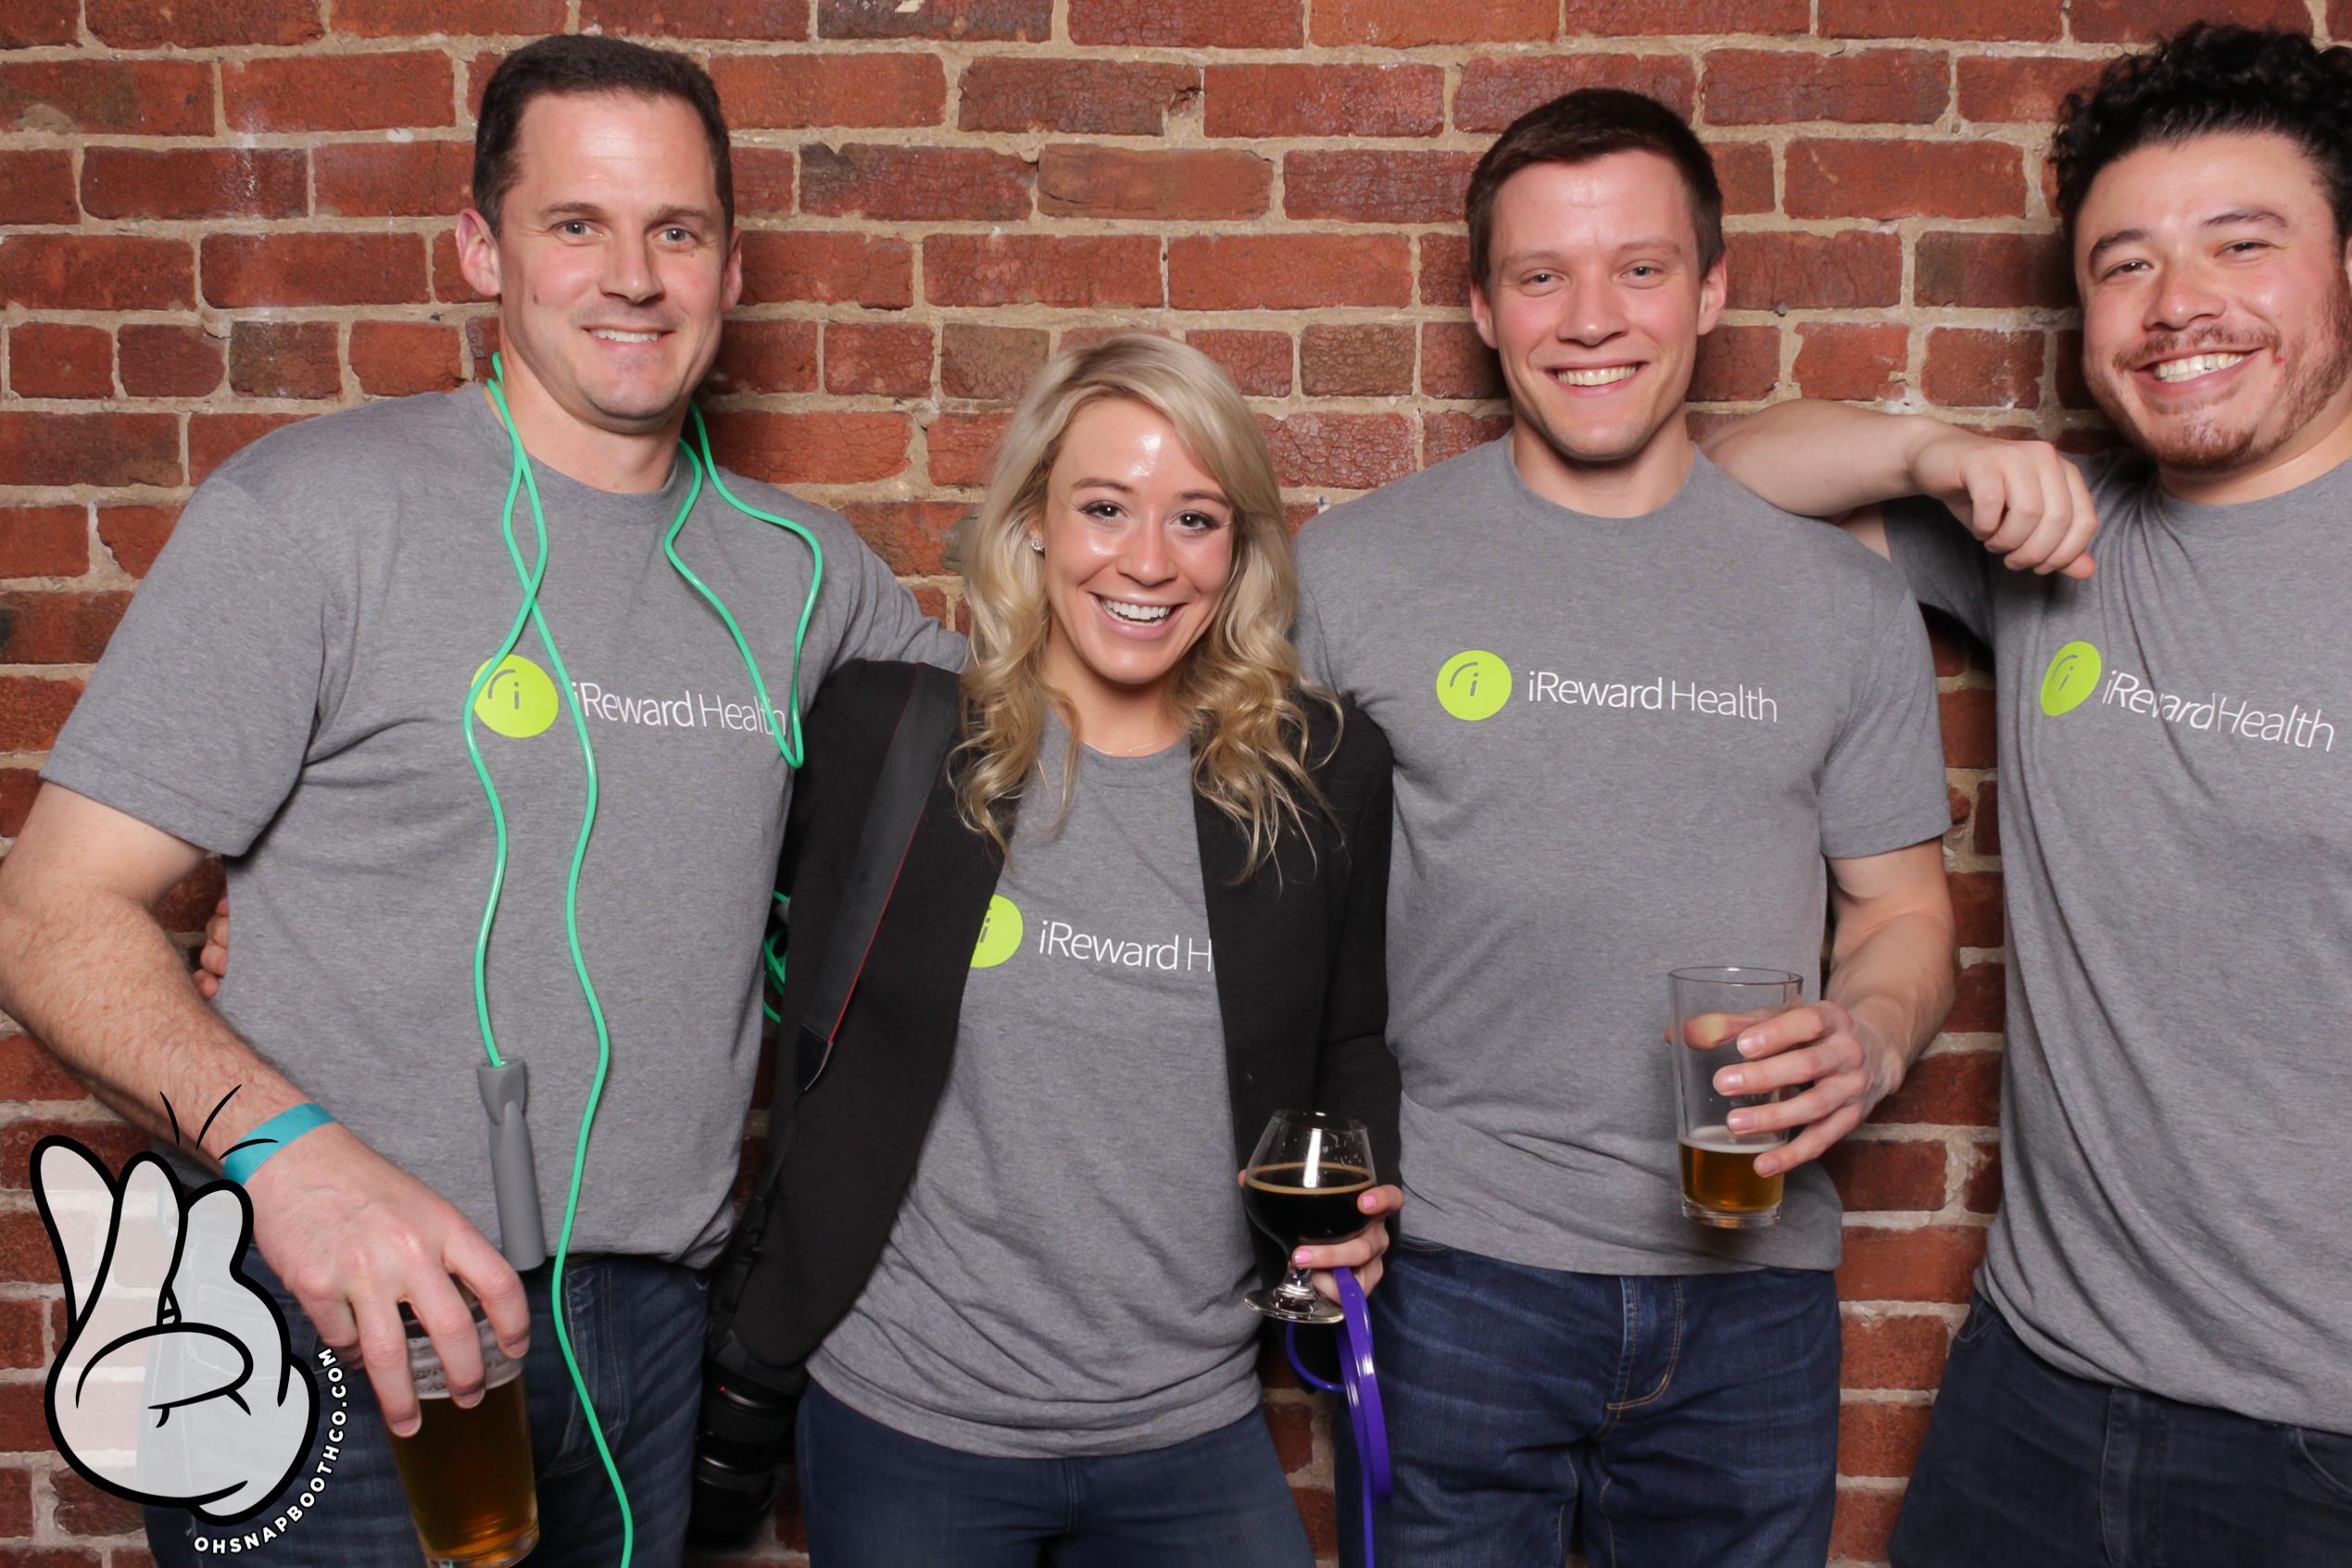 iReward Health's team at Drunk User Testing